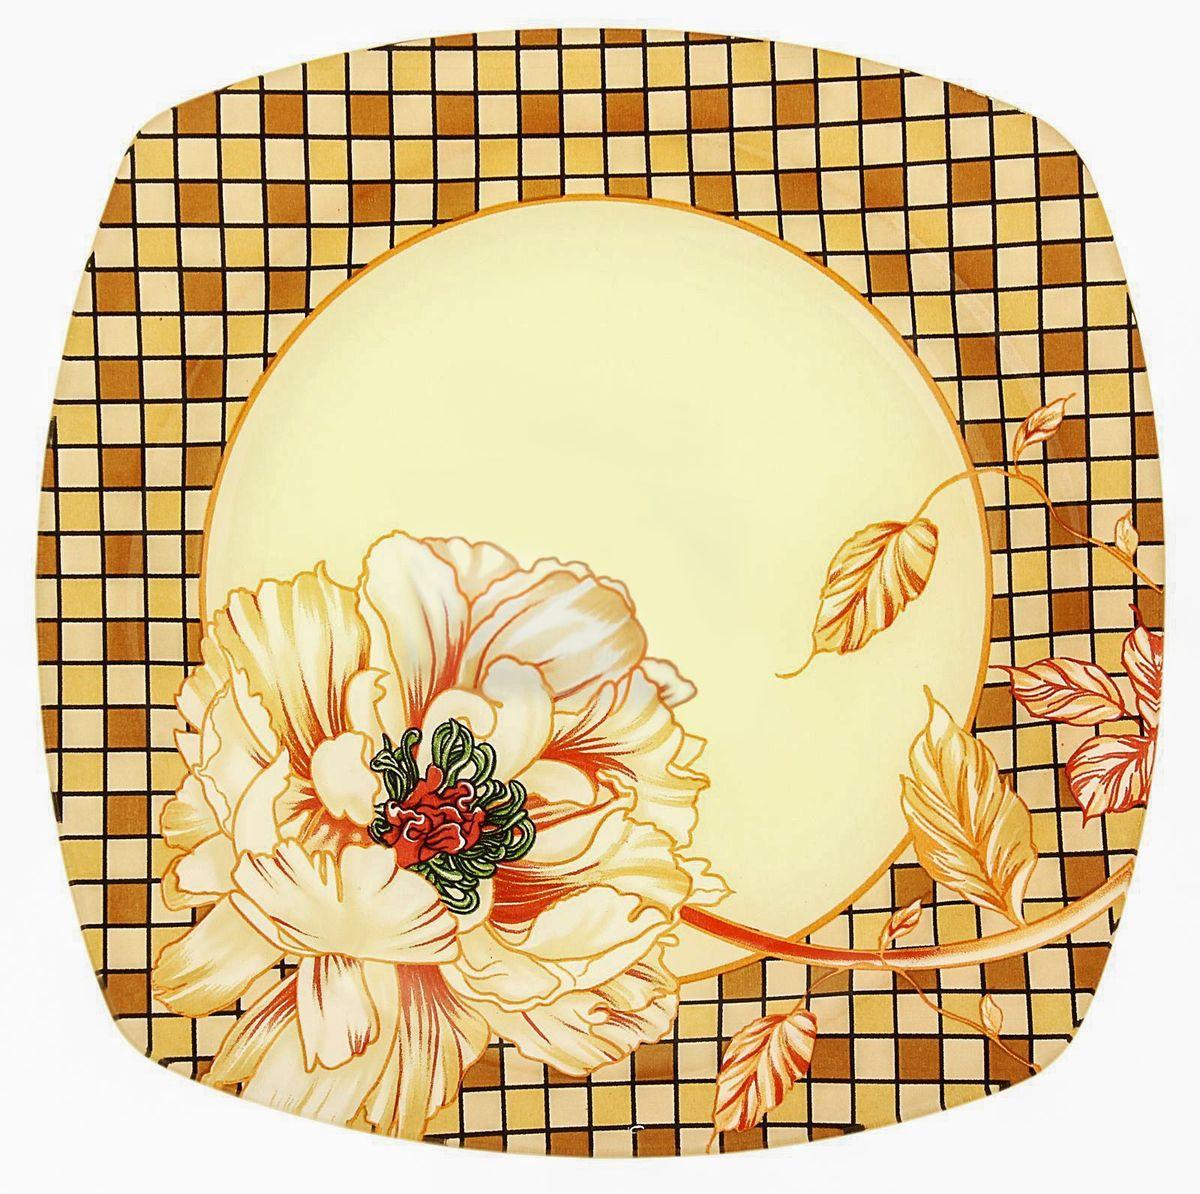 Тарелка десертная Доляна Клетка, диаметр 20 см230532Столовая посуда с природными мотивами в оформлении разнообразит интерьер кухни и сделает застолье самобытным и запоминающимся. Достоинства: качественное стекло не впитывает запахов; гладкая поверхность обеспечивает лёгкость мытья; яркий дизайн порадует ценителей стиля фолк. Рекомендуется избегать использования абразивных моющих средств. Делайте любимый дом уютнее!